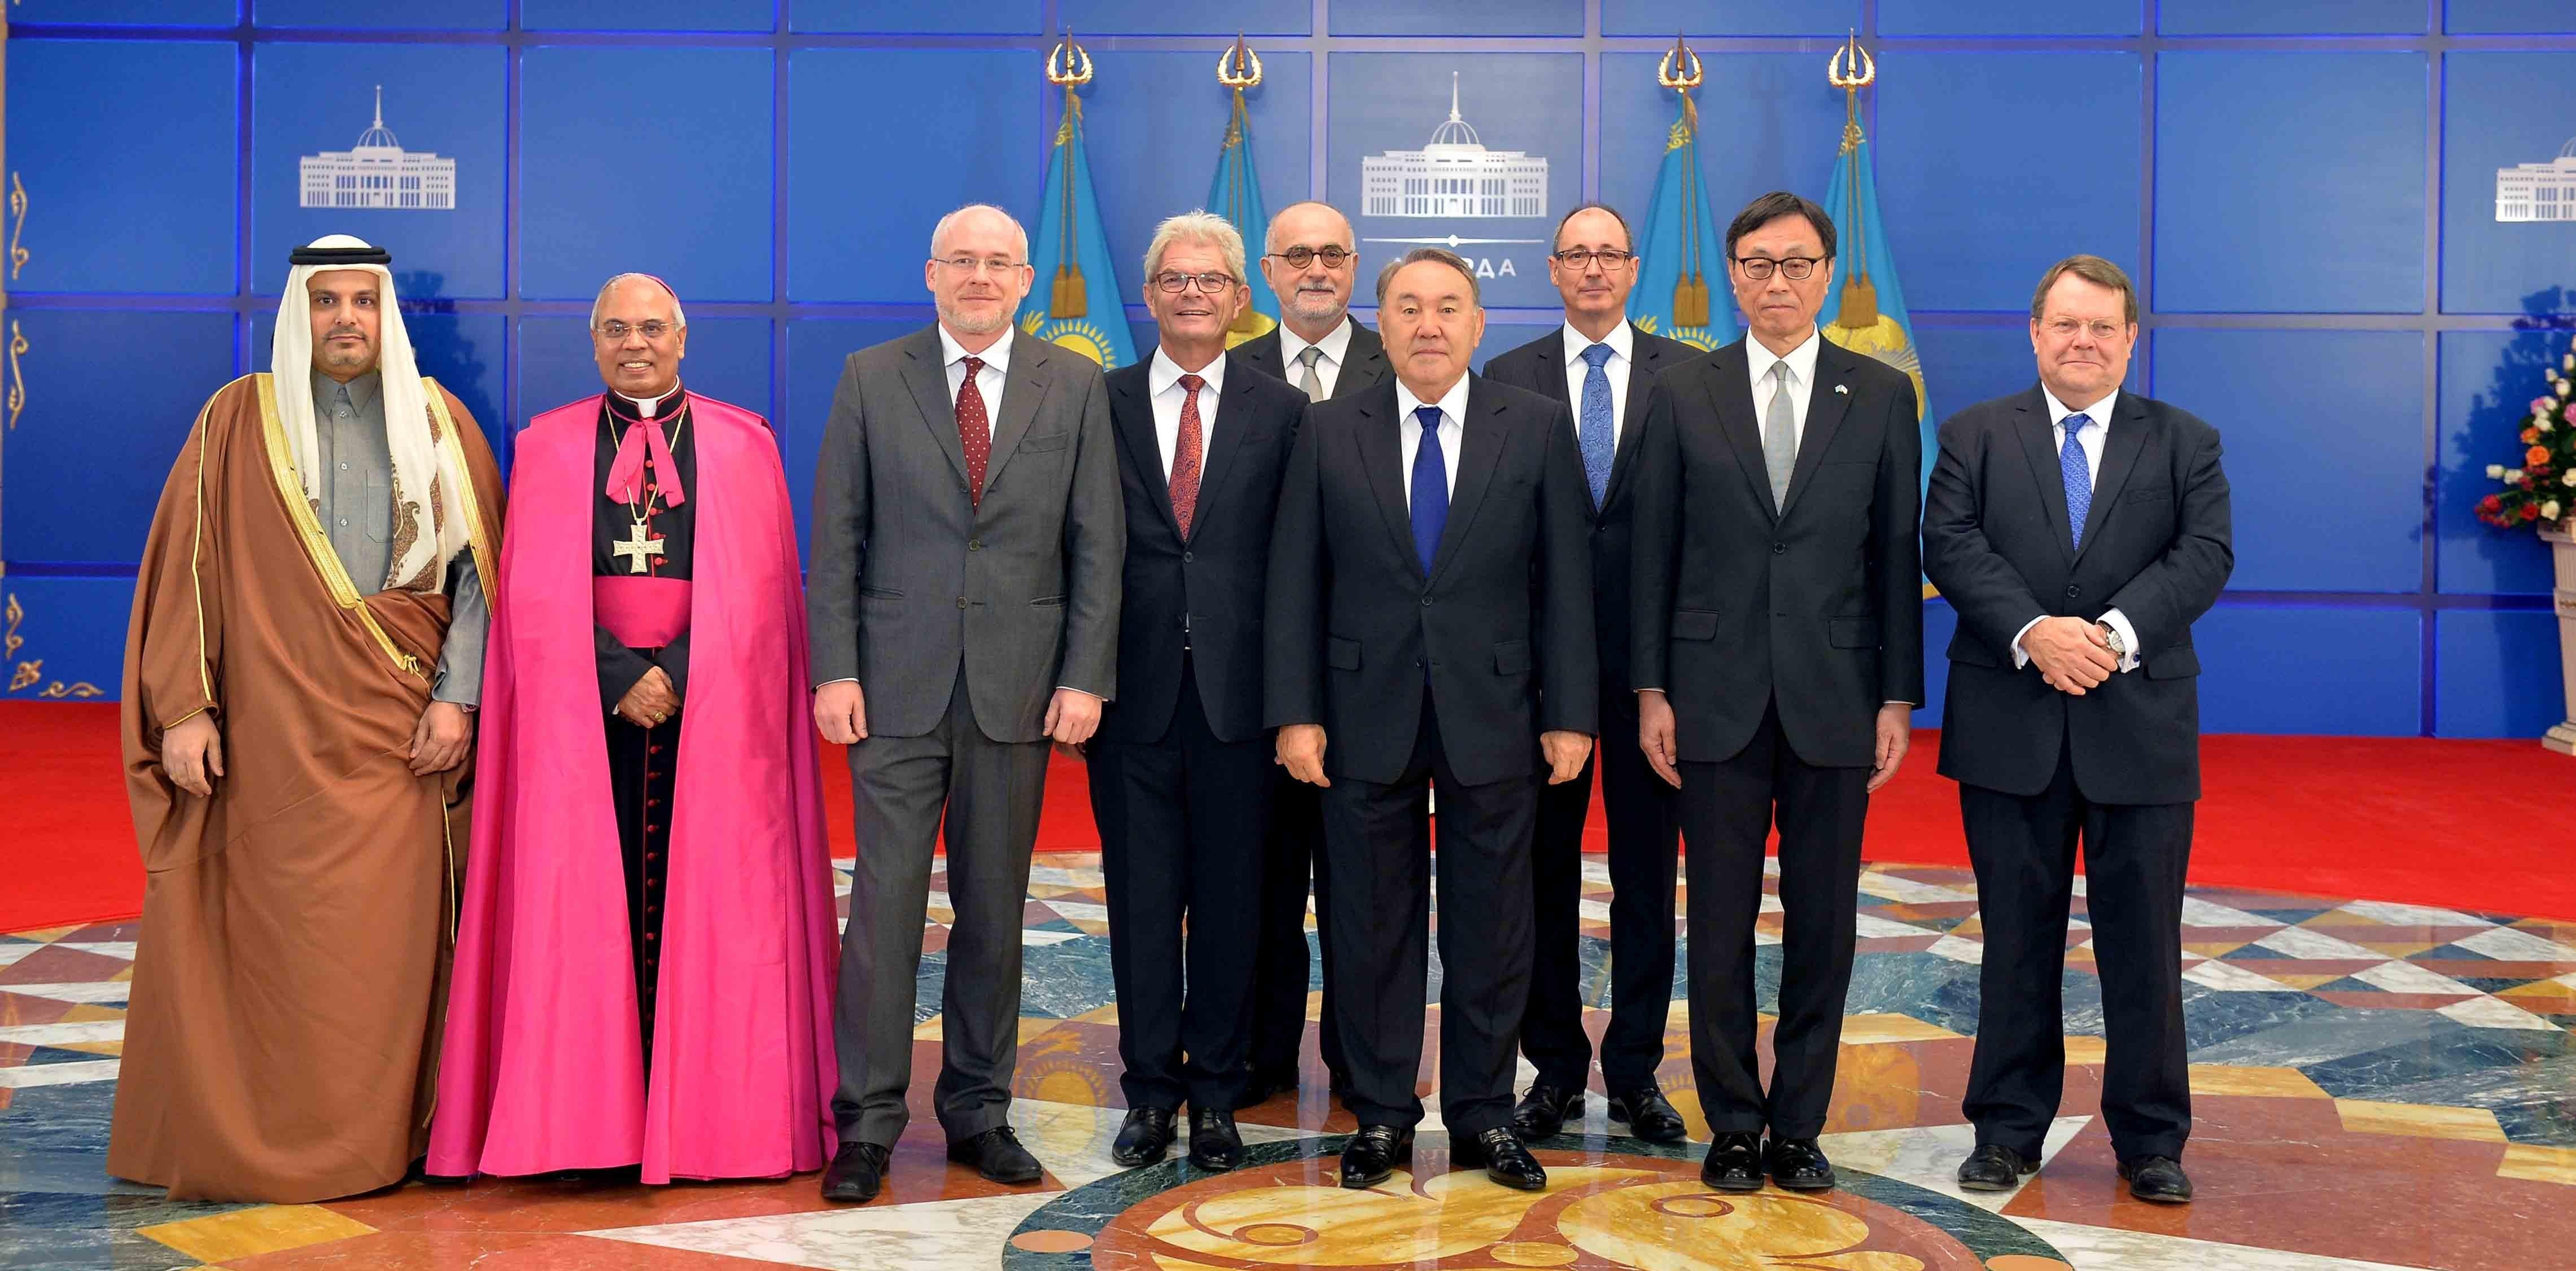 Вручение верительных грамот президенту Казахстана